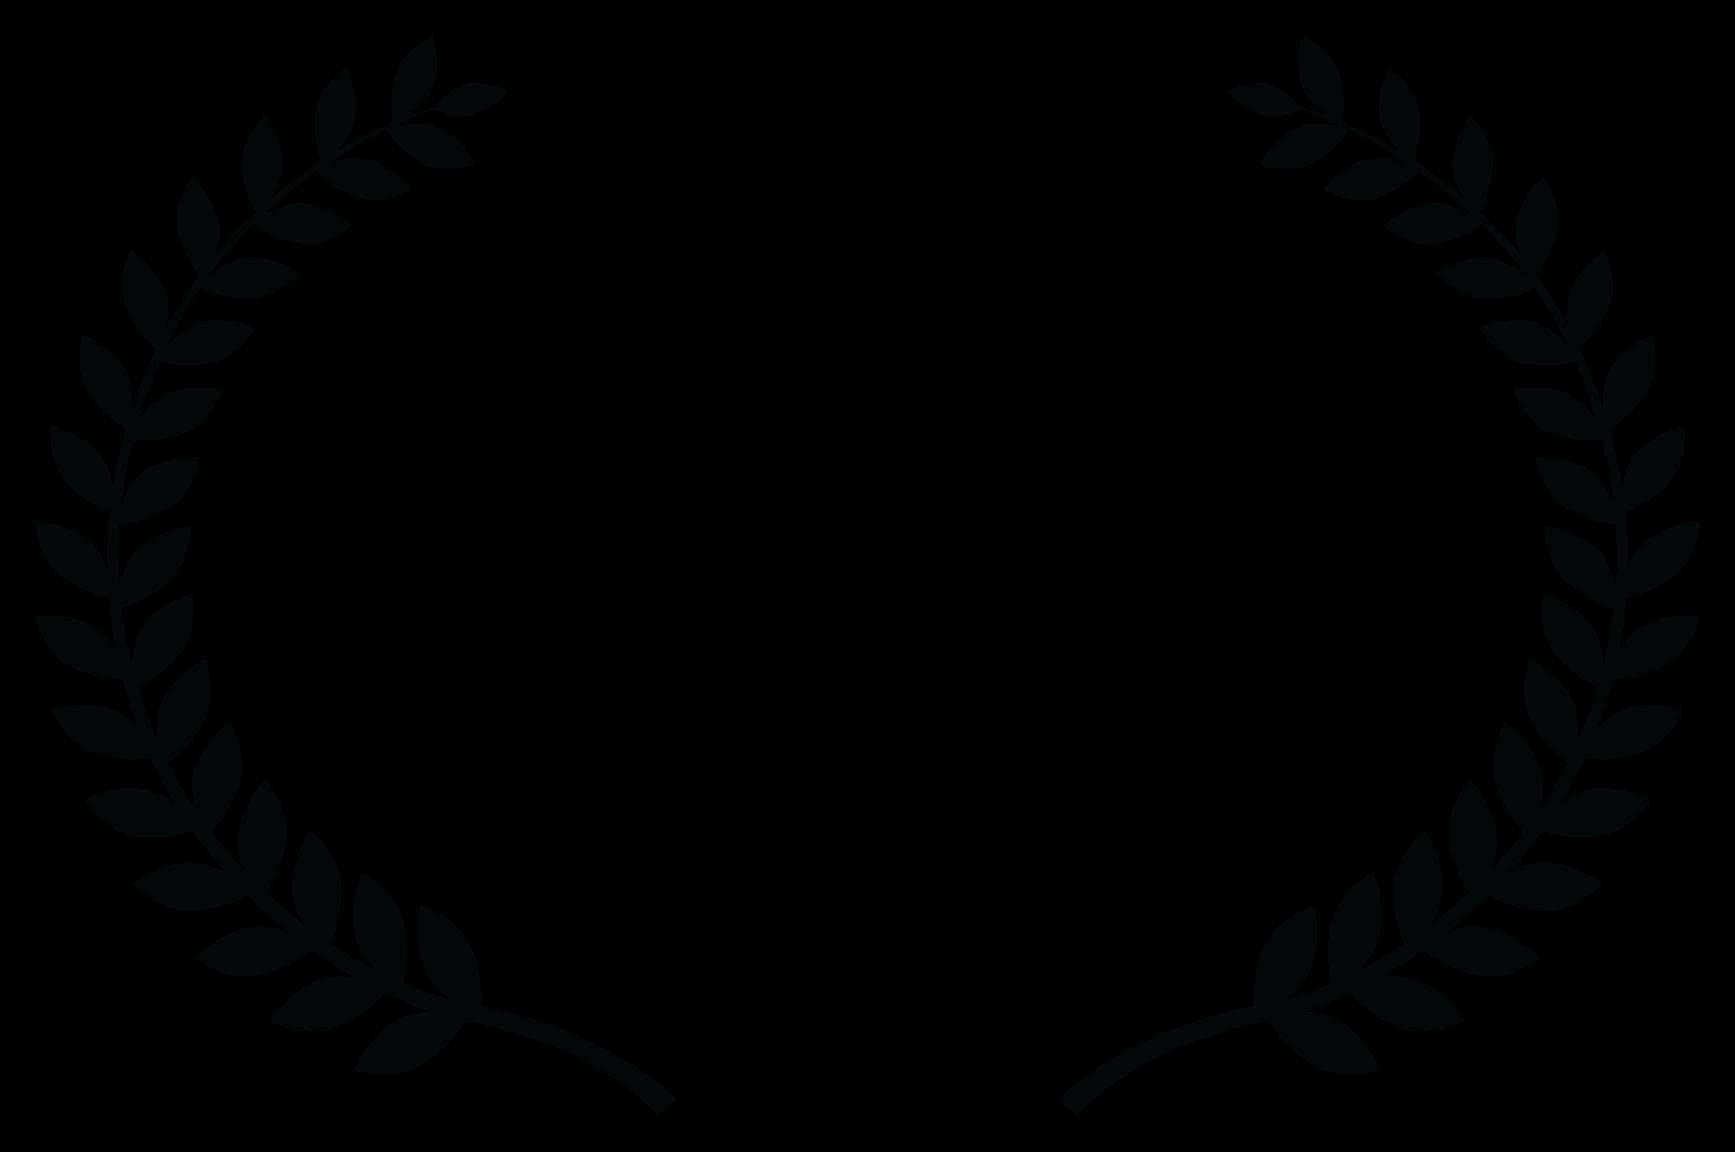 OFFICIAL SELECTION White Deer International Film Festival 2019